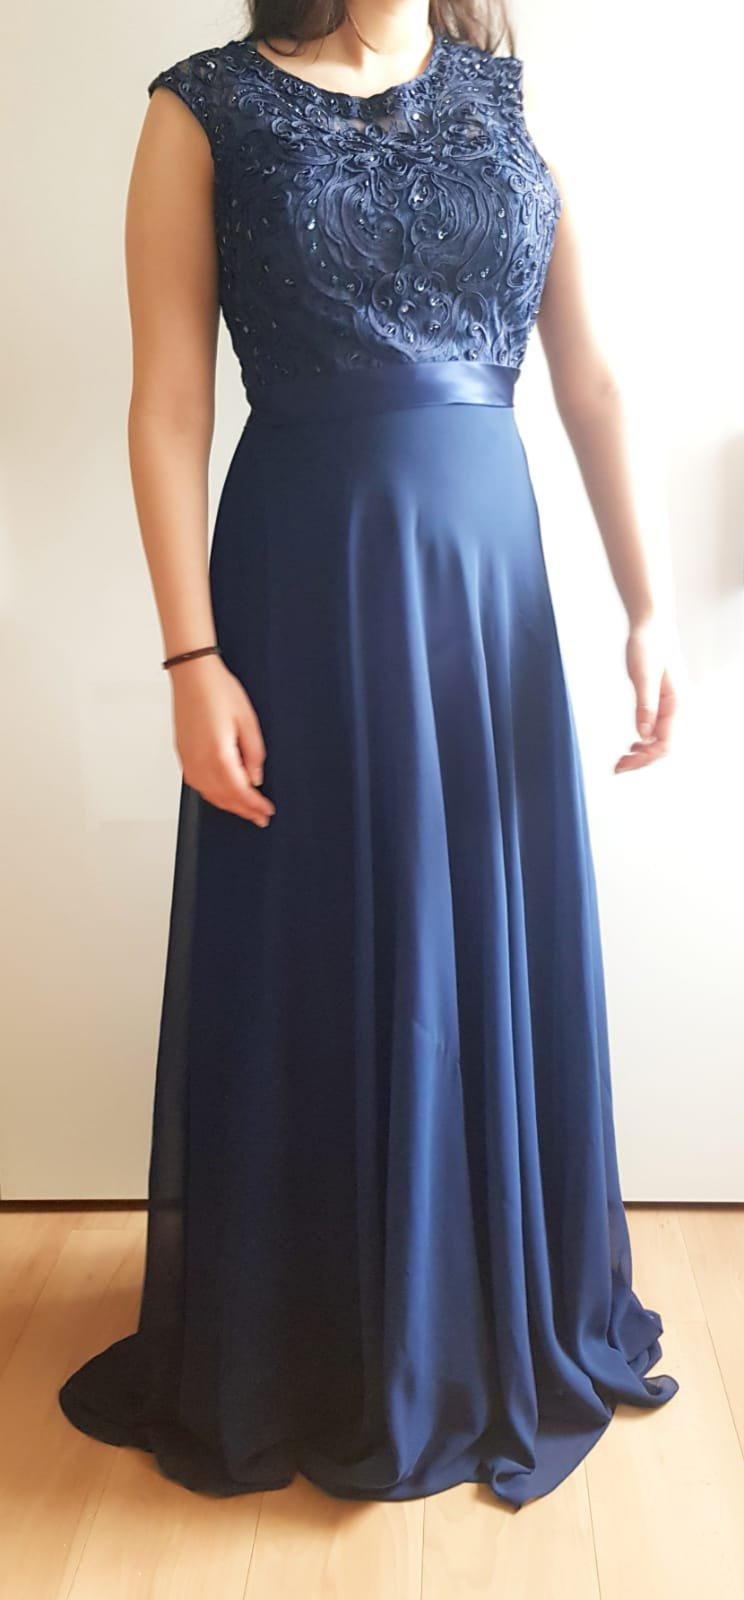 20 Kreativ Dunkelblaues Abendkleid für 201913 Coolste Dunkelblaues Abendkleid Boutique